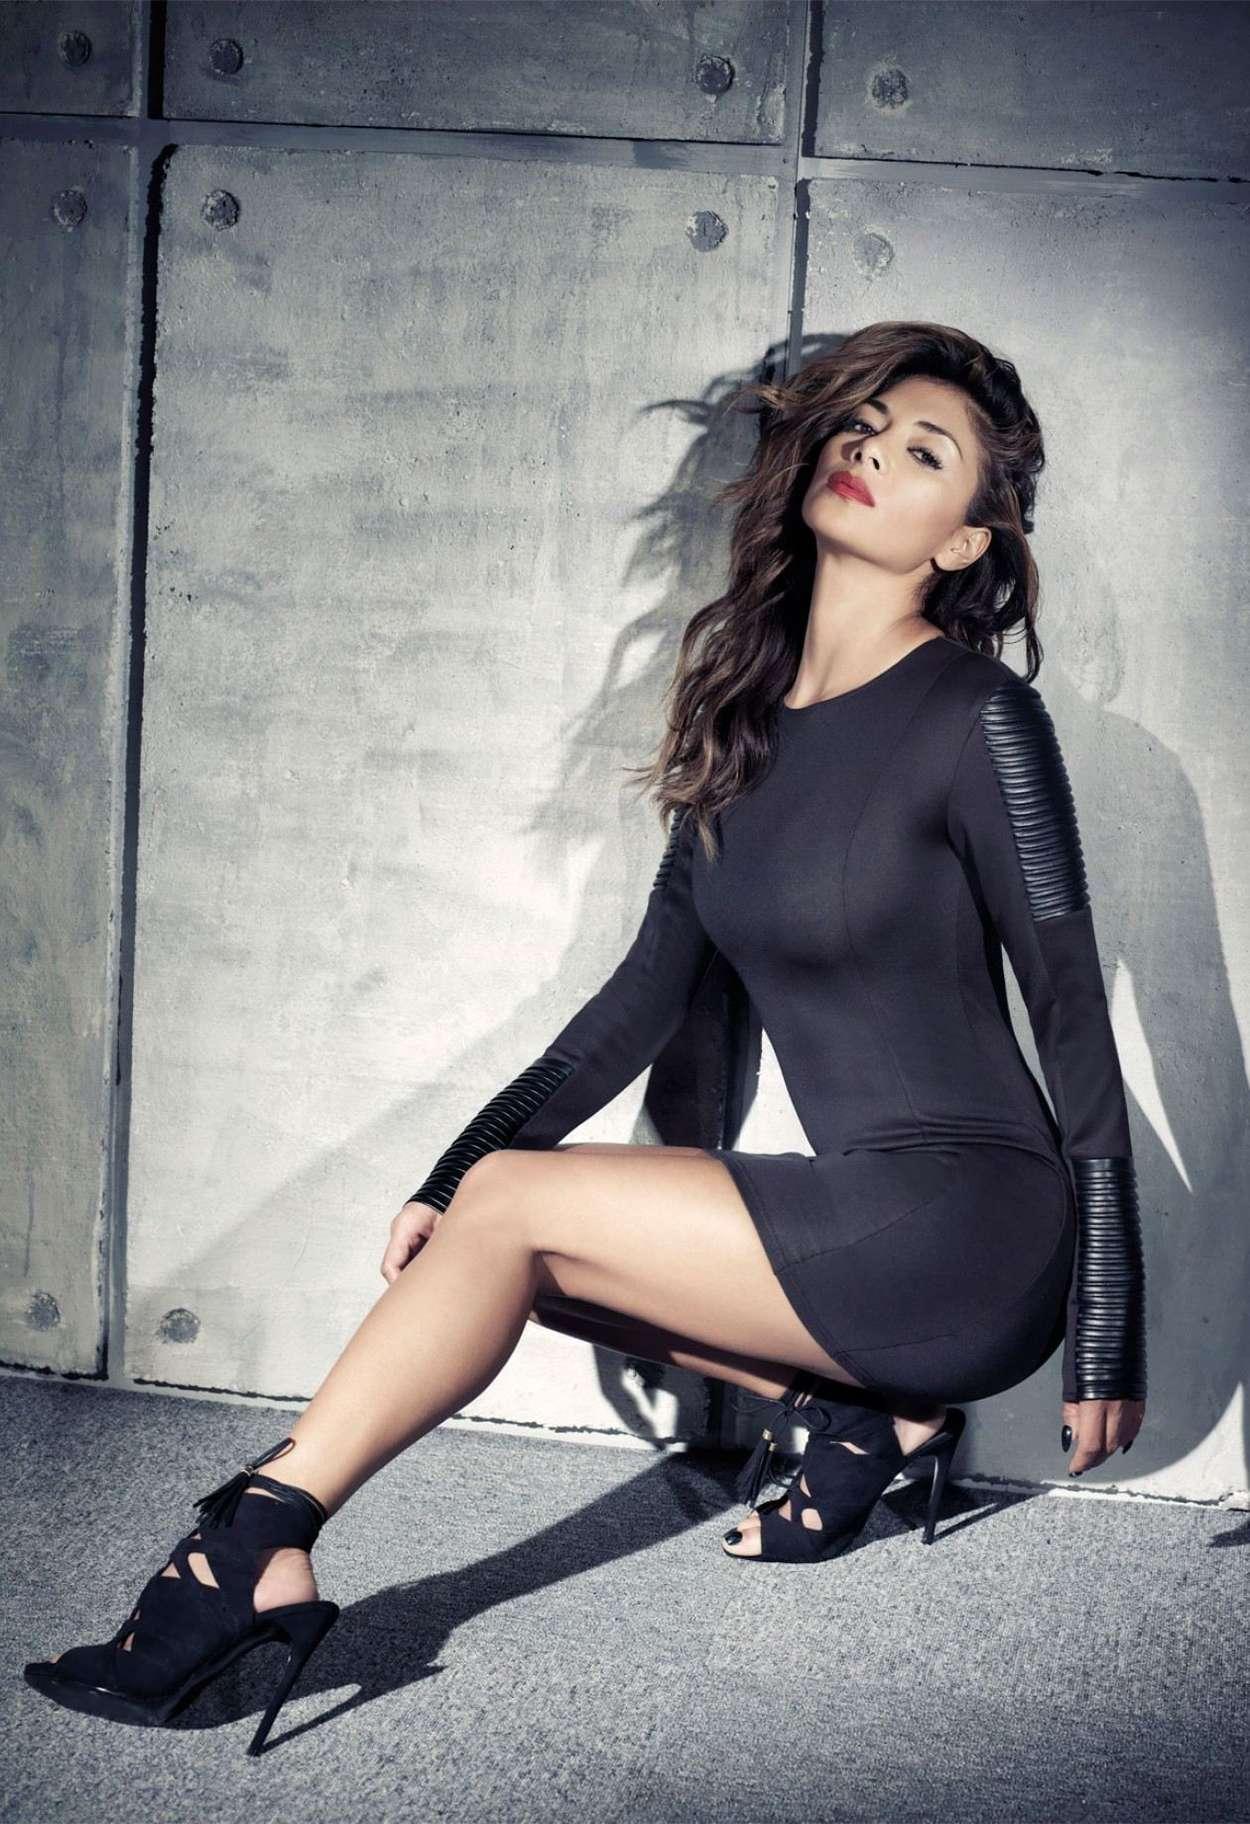 """Nicole Scherzinger - """"Missguided"""" Collection Photoshoot 2014 Nicole Scherzinger"""